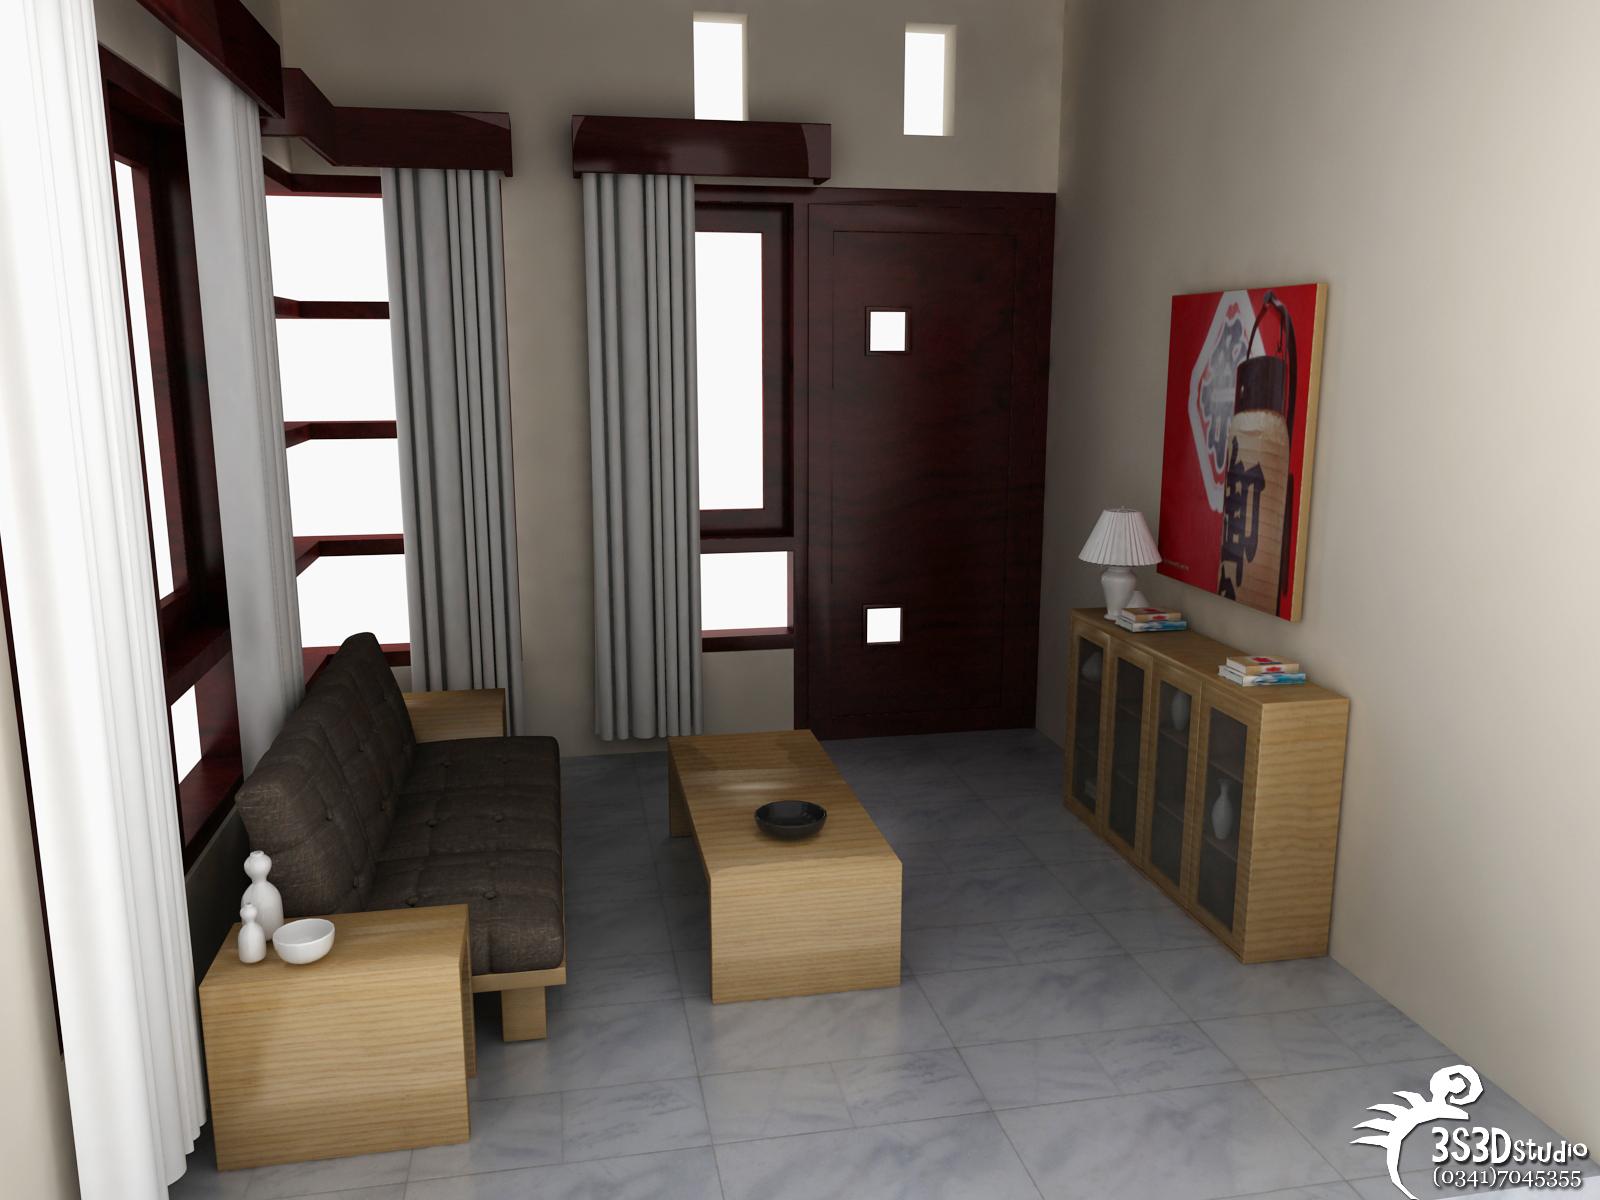 Design Interior Rumah: Interior Ruang Tamu 6